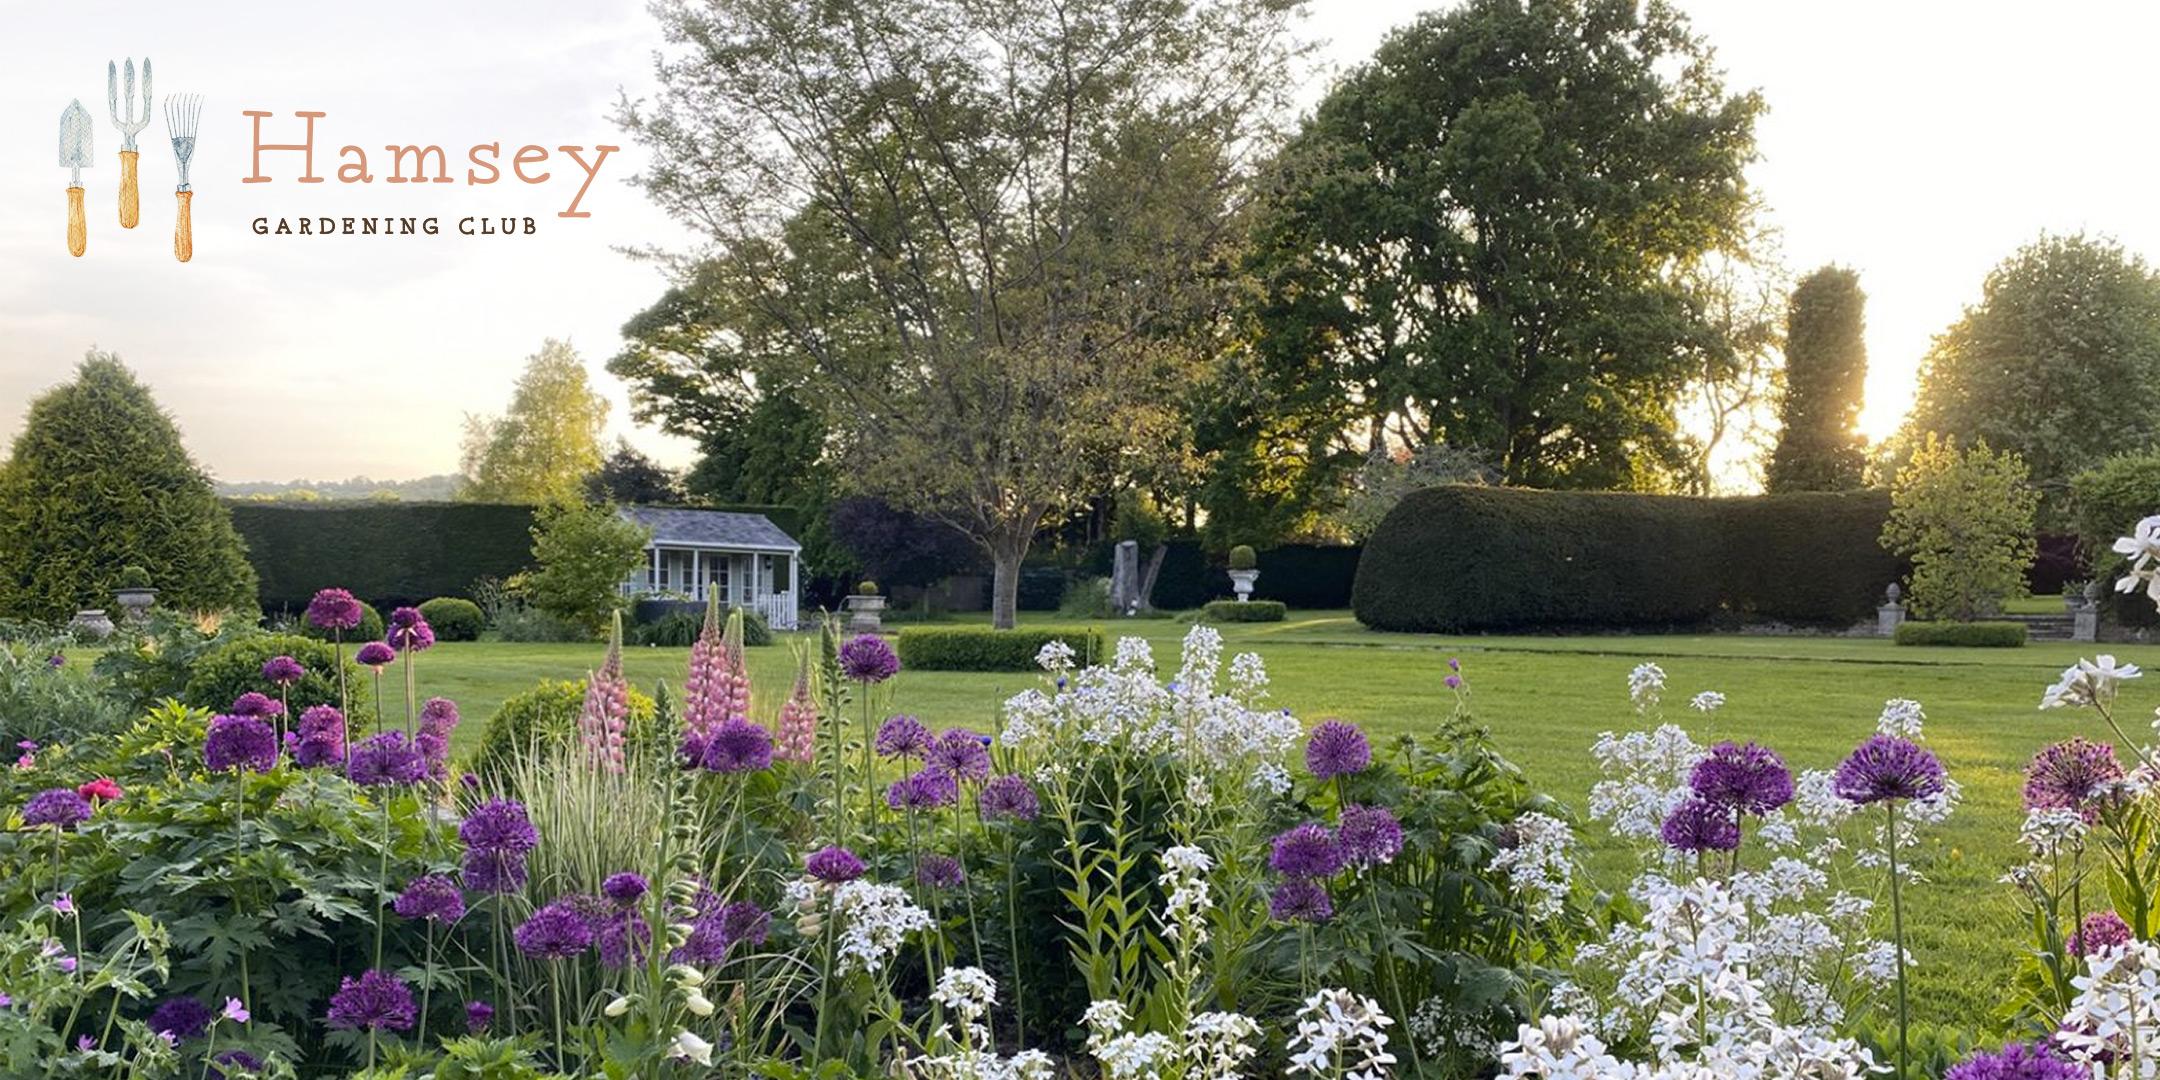 Hamsey-Gardening-Club